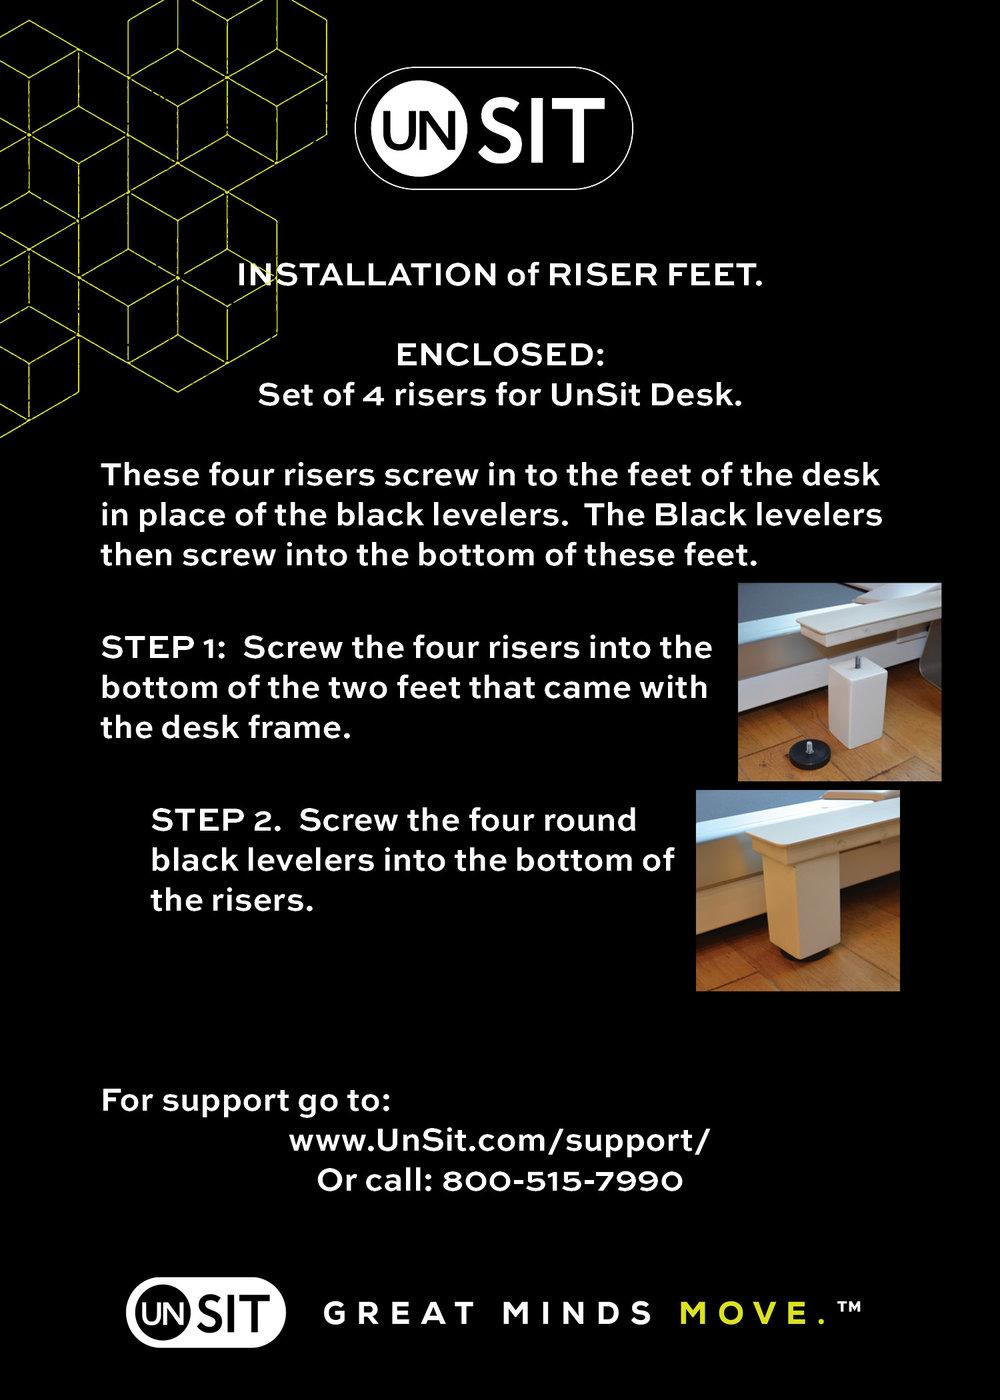 UnSit Desk Riser Installation